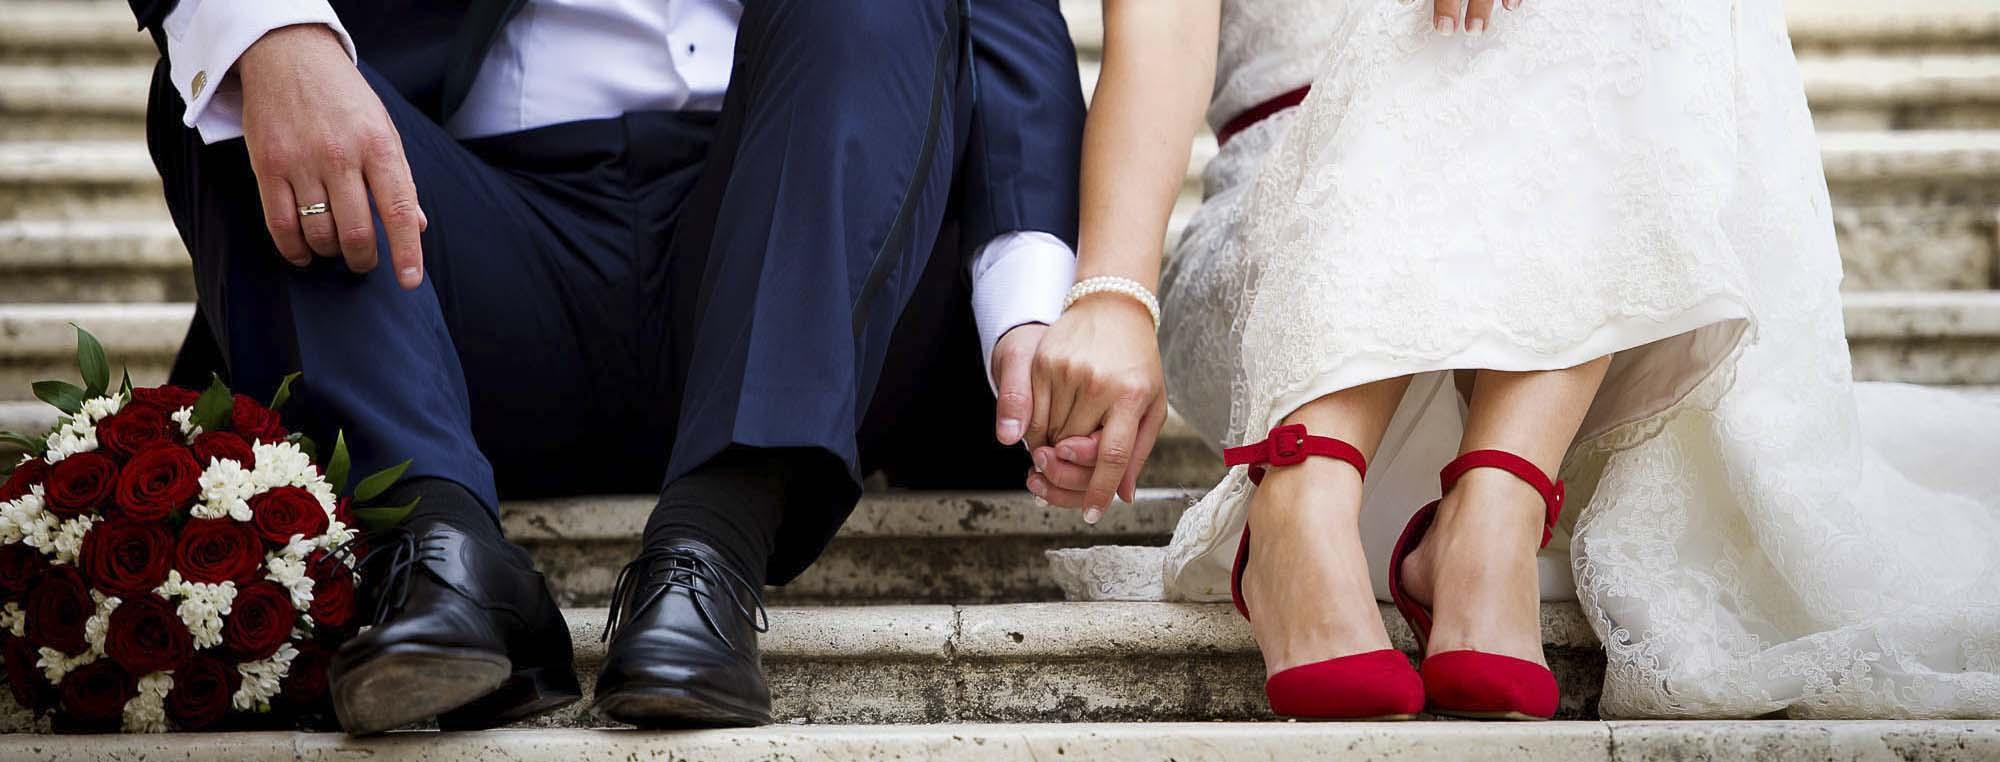 fotografo-matrimonio-novara-immagini-di-marco-pugliese-novara fotografo-video-matrimonio